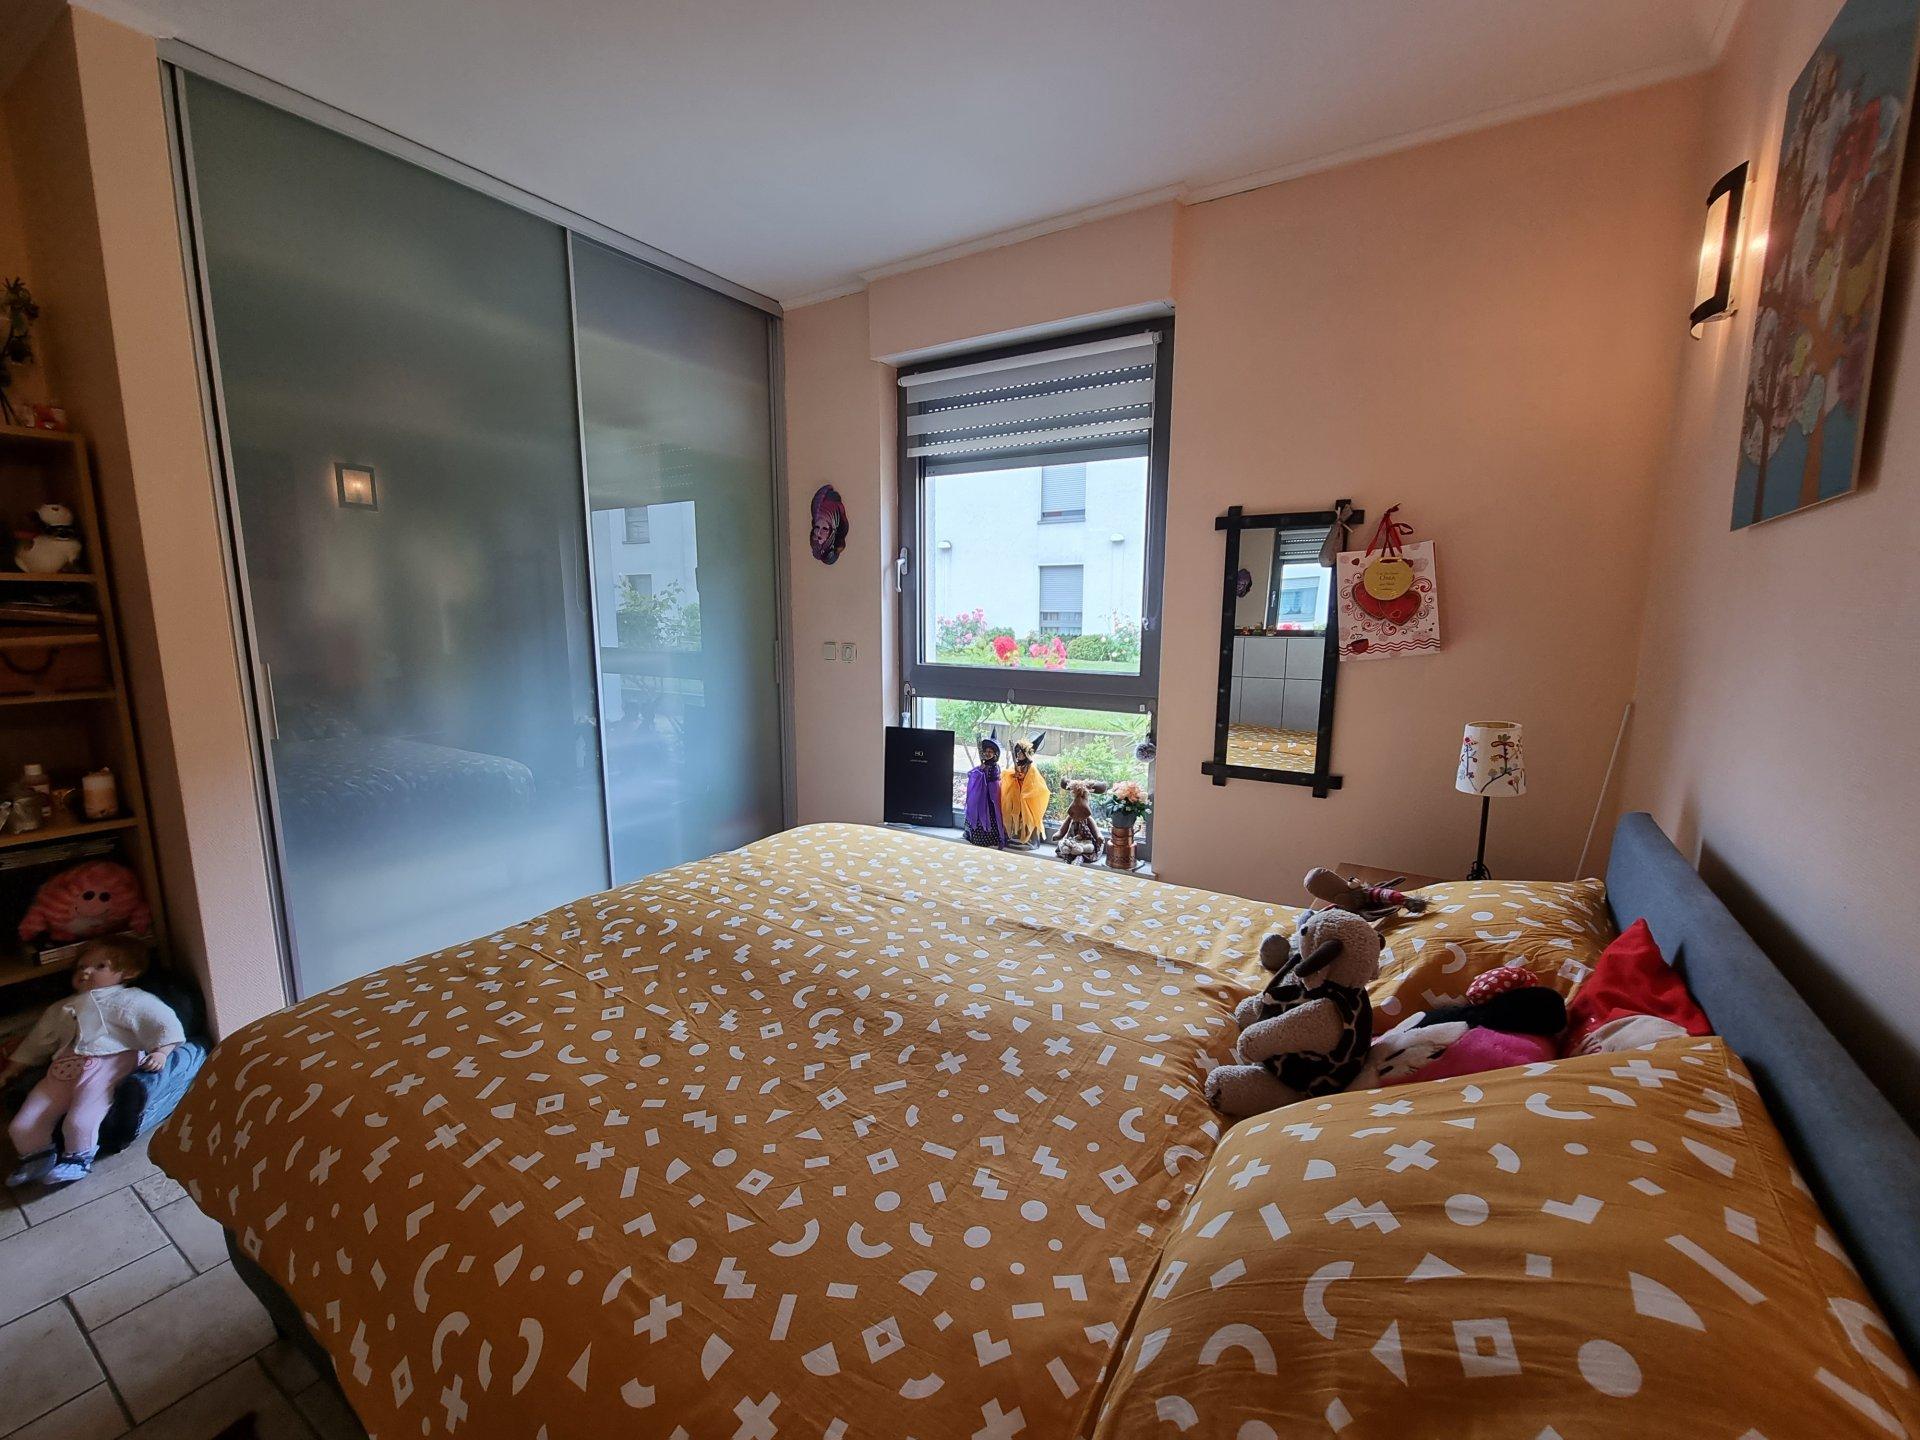 À vendre appartement calme et lumineux de 73m2